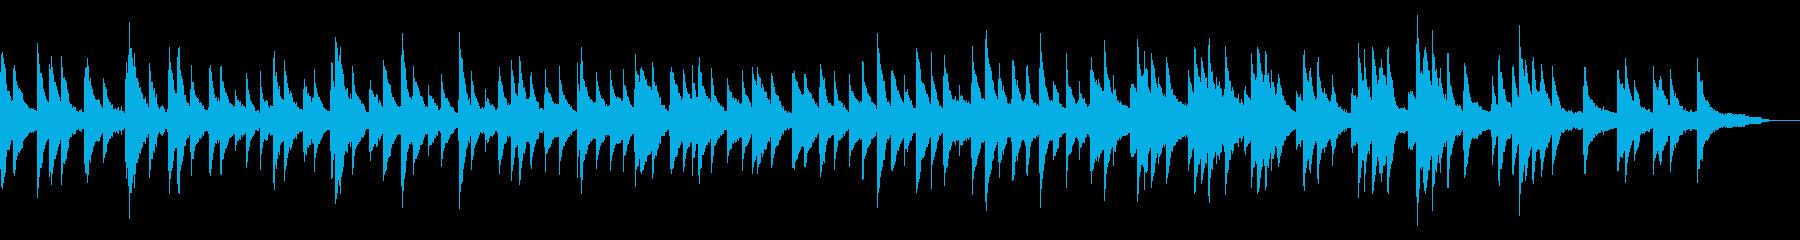 映像・ナレーション用ピアノ演奏(無邪気)の再生済みの波形